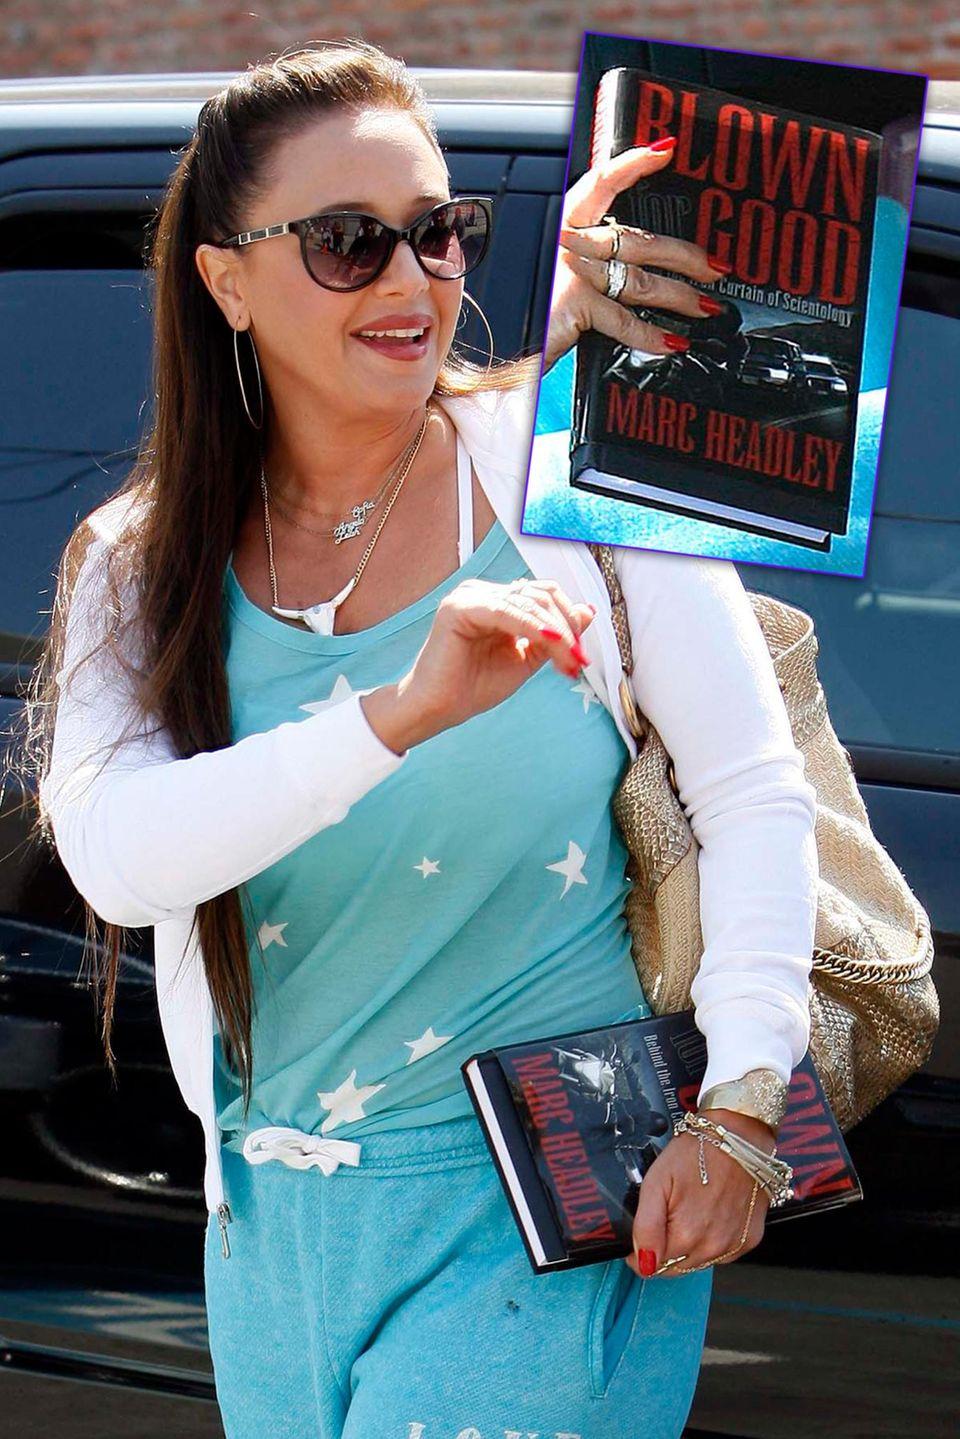 """Nach ihrem Ausstieg bei Scientology liest Leah Remini den Bericht eines weiteren Aussteigers: """"Blown For Good: Behind The Iron Curtain Of Scientology"""" von Marc Headley."""